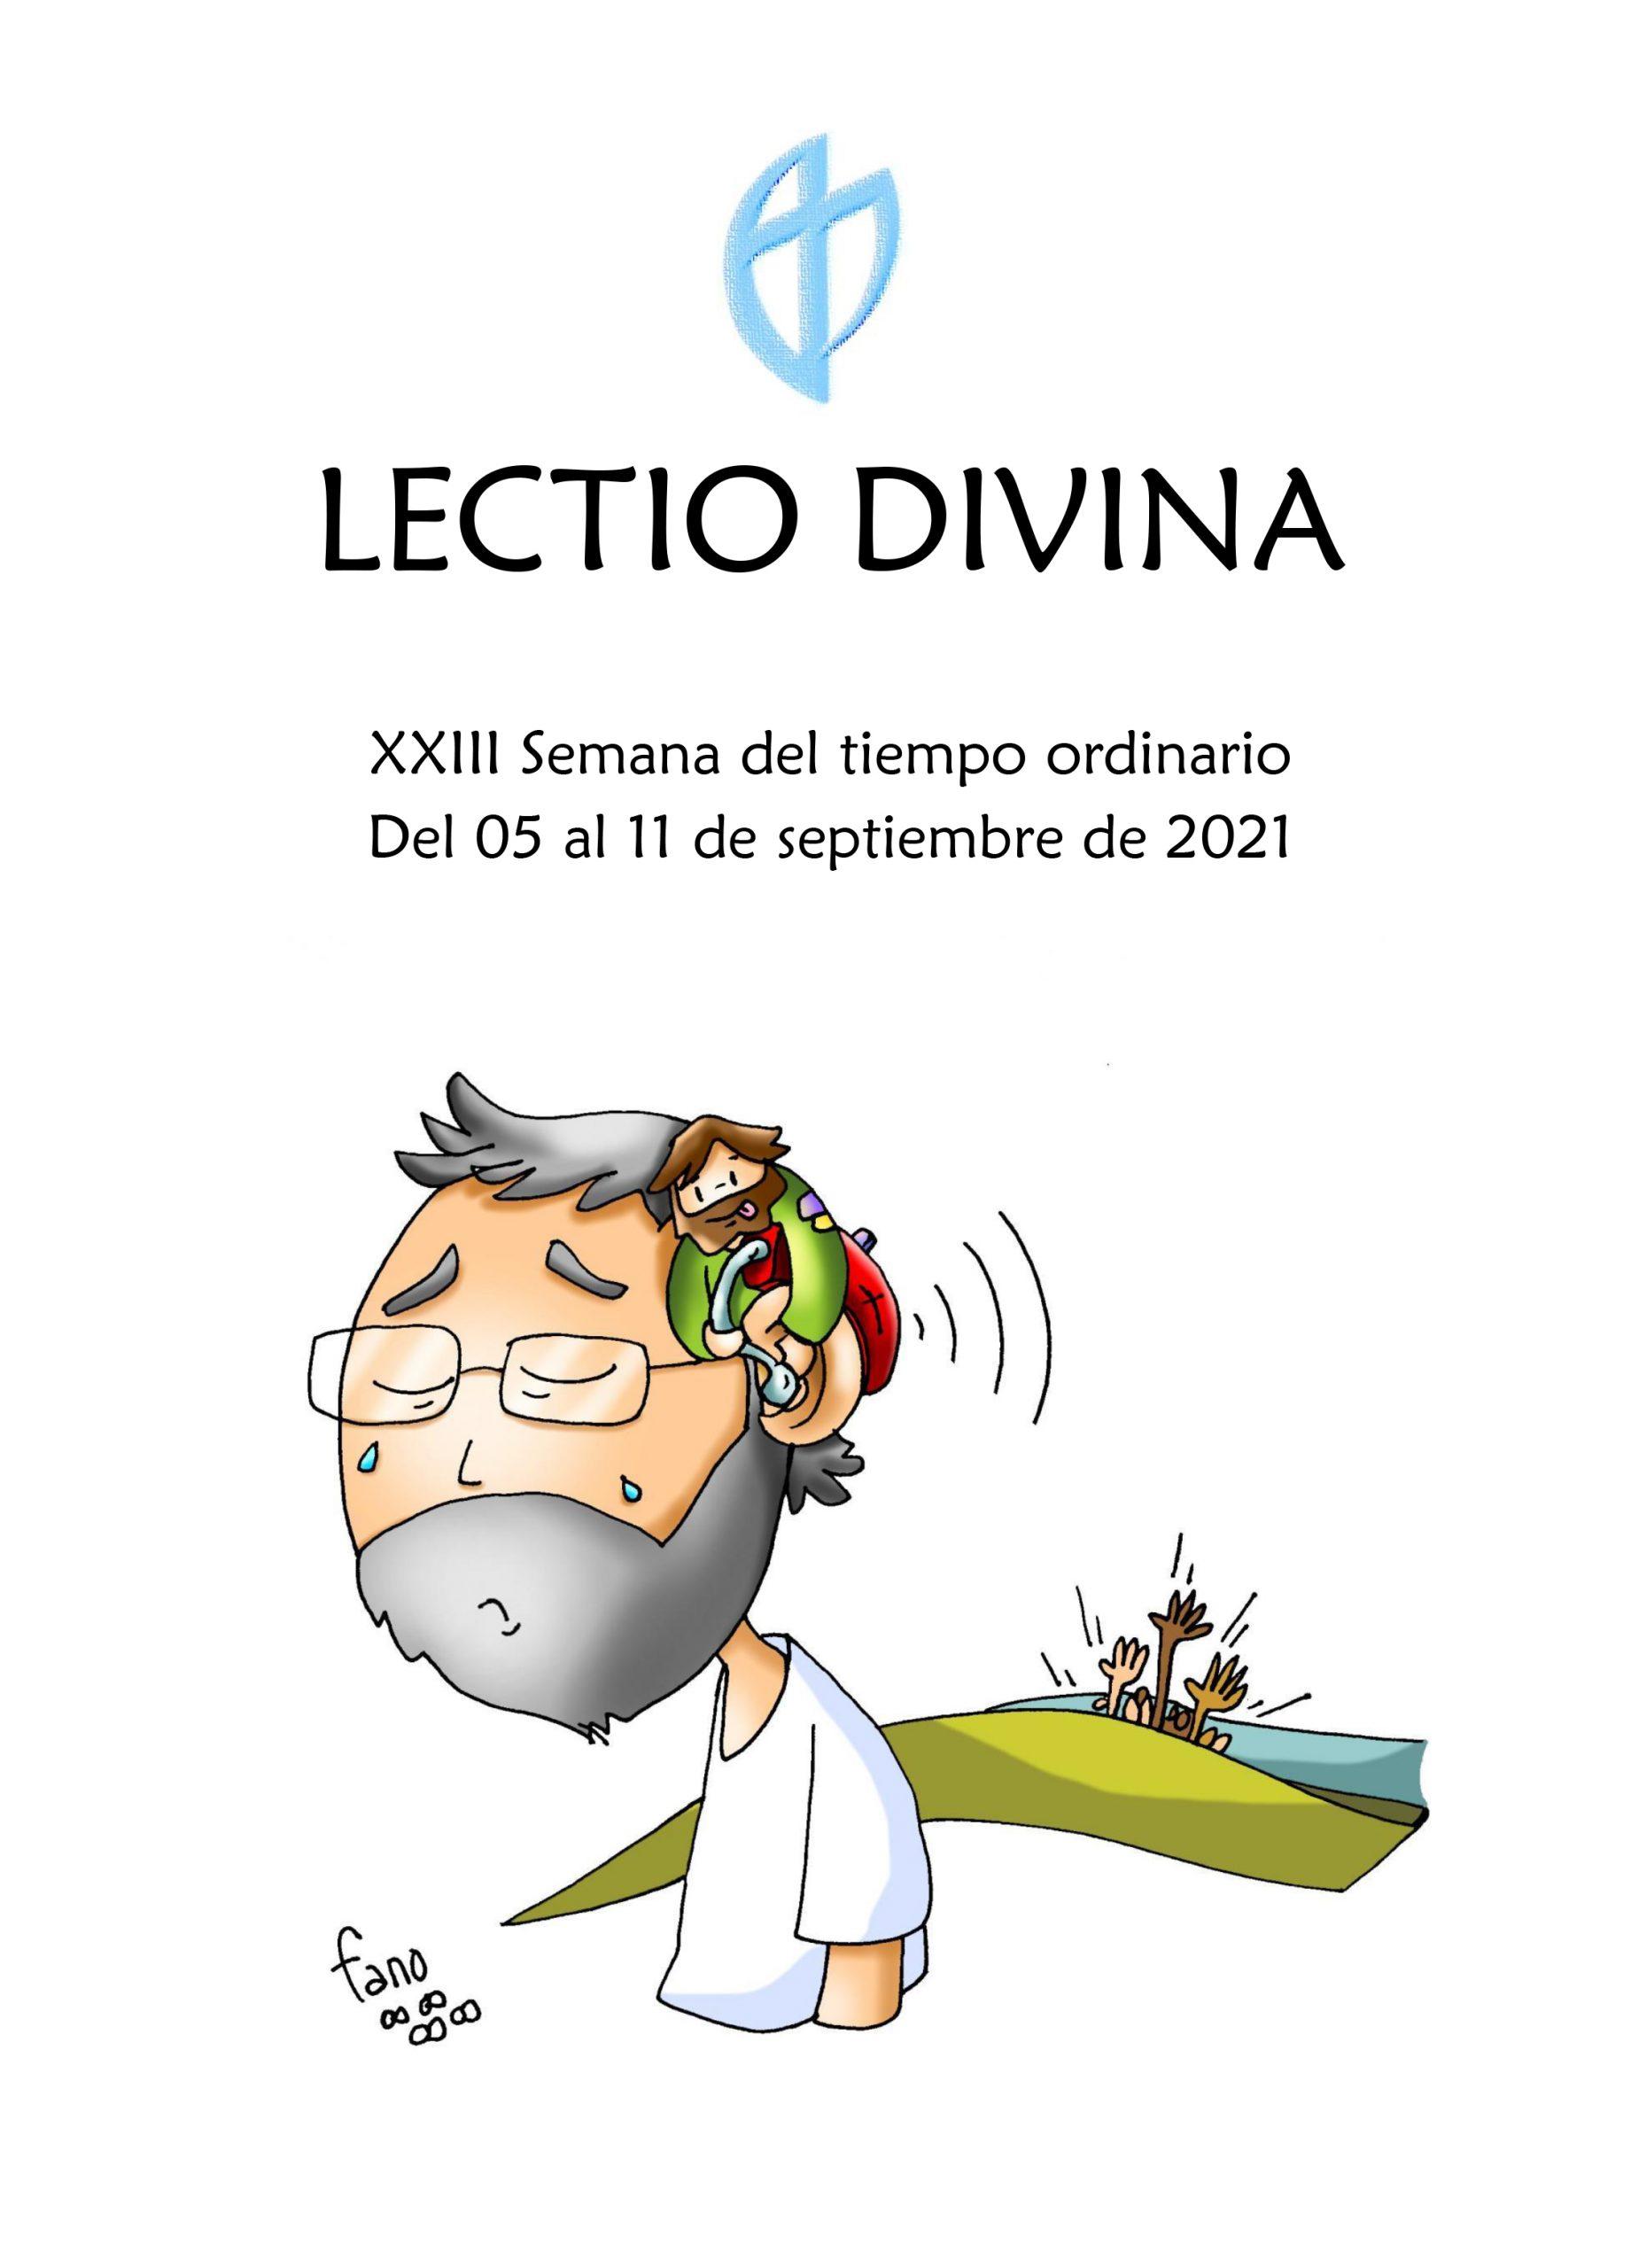 XXIII Semana del tiempo ordinario (del 05 al 11 de septiembre de 2021)